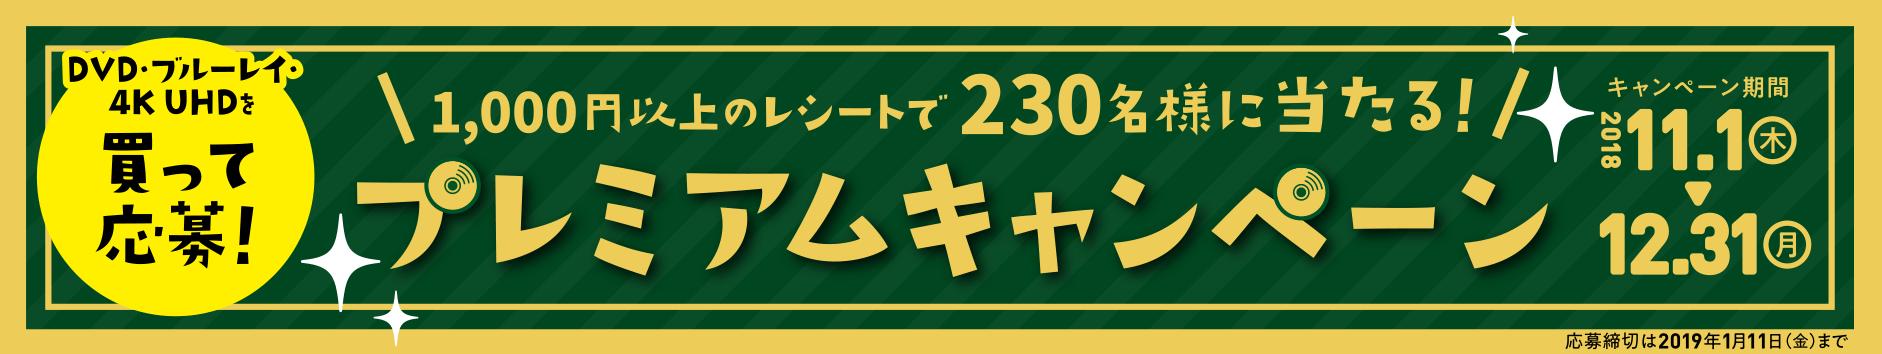 出典:videonohi.jp